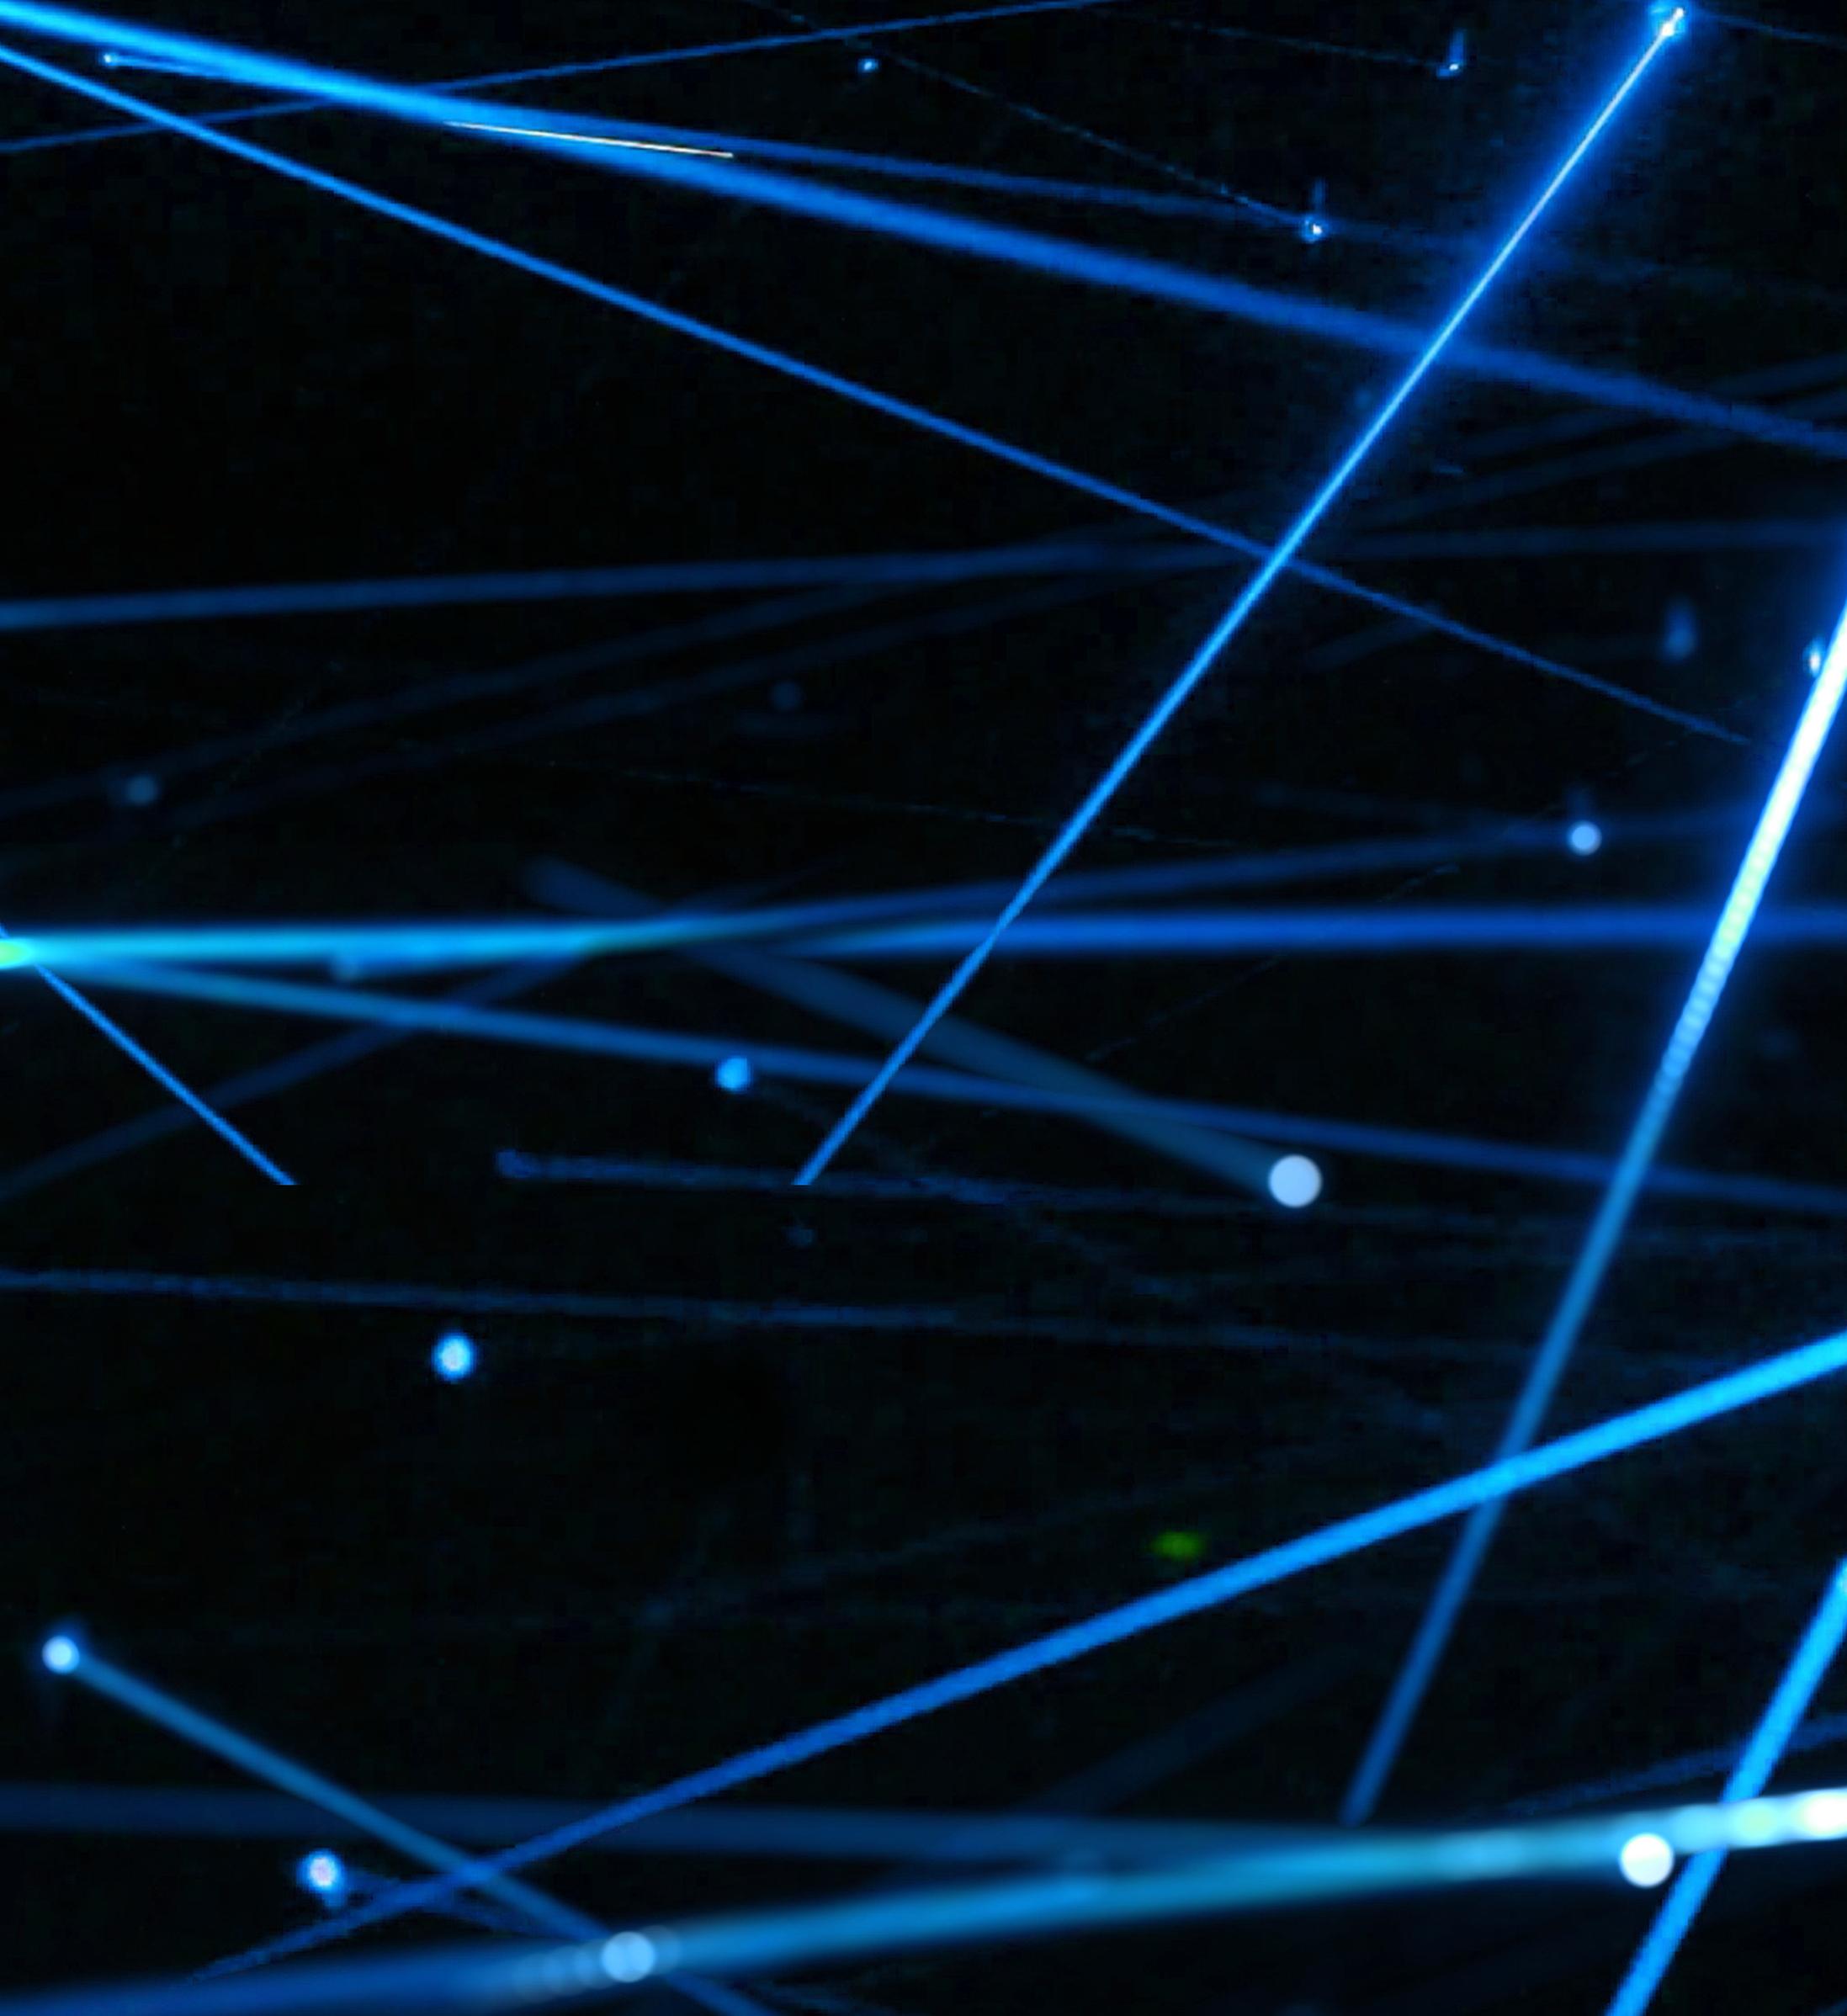 Blue Laser Light Png Editing Background Background Eraser Hd Background Download